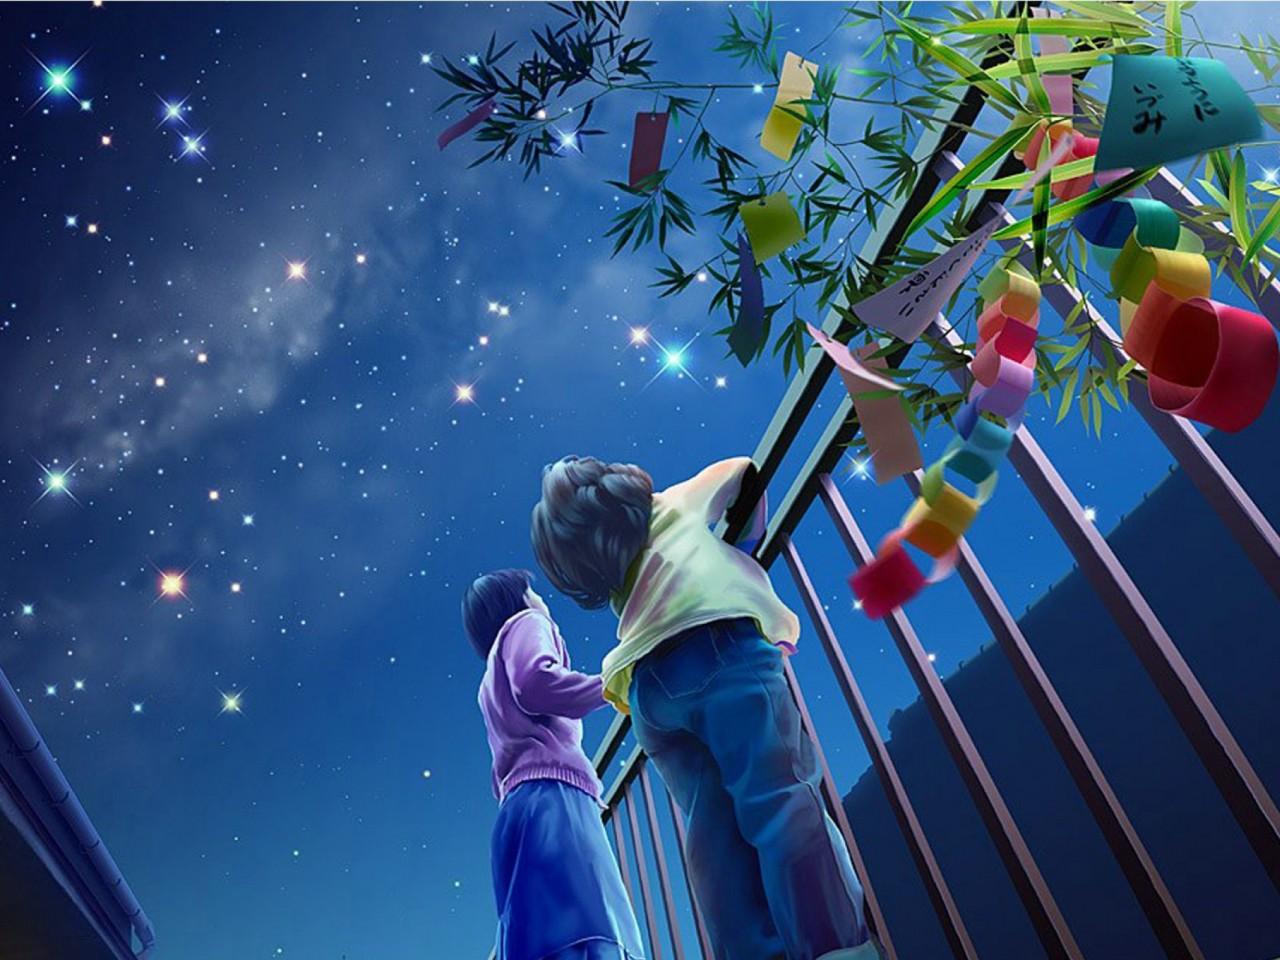 仰望天空 仰望天空45度角的忧伤 仰望天空的句子